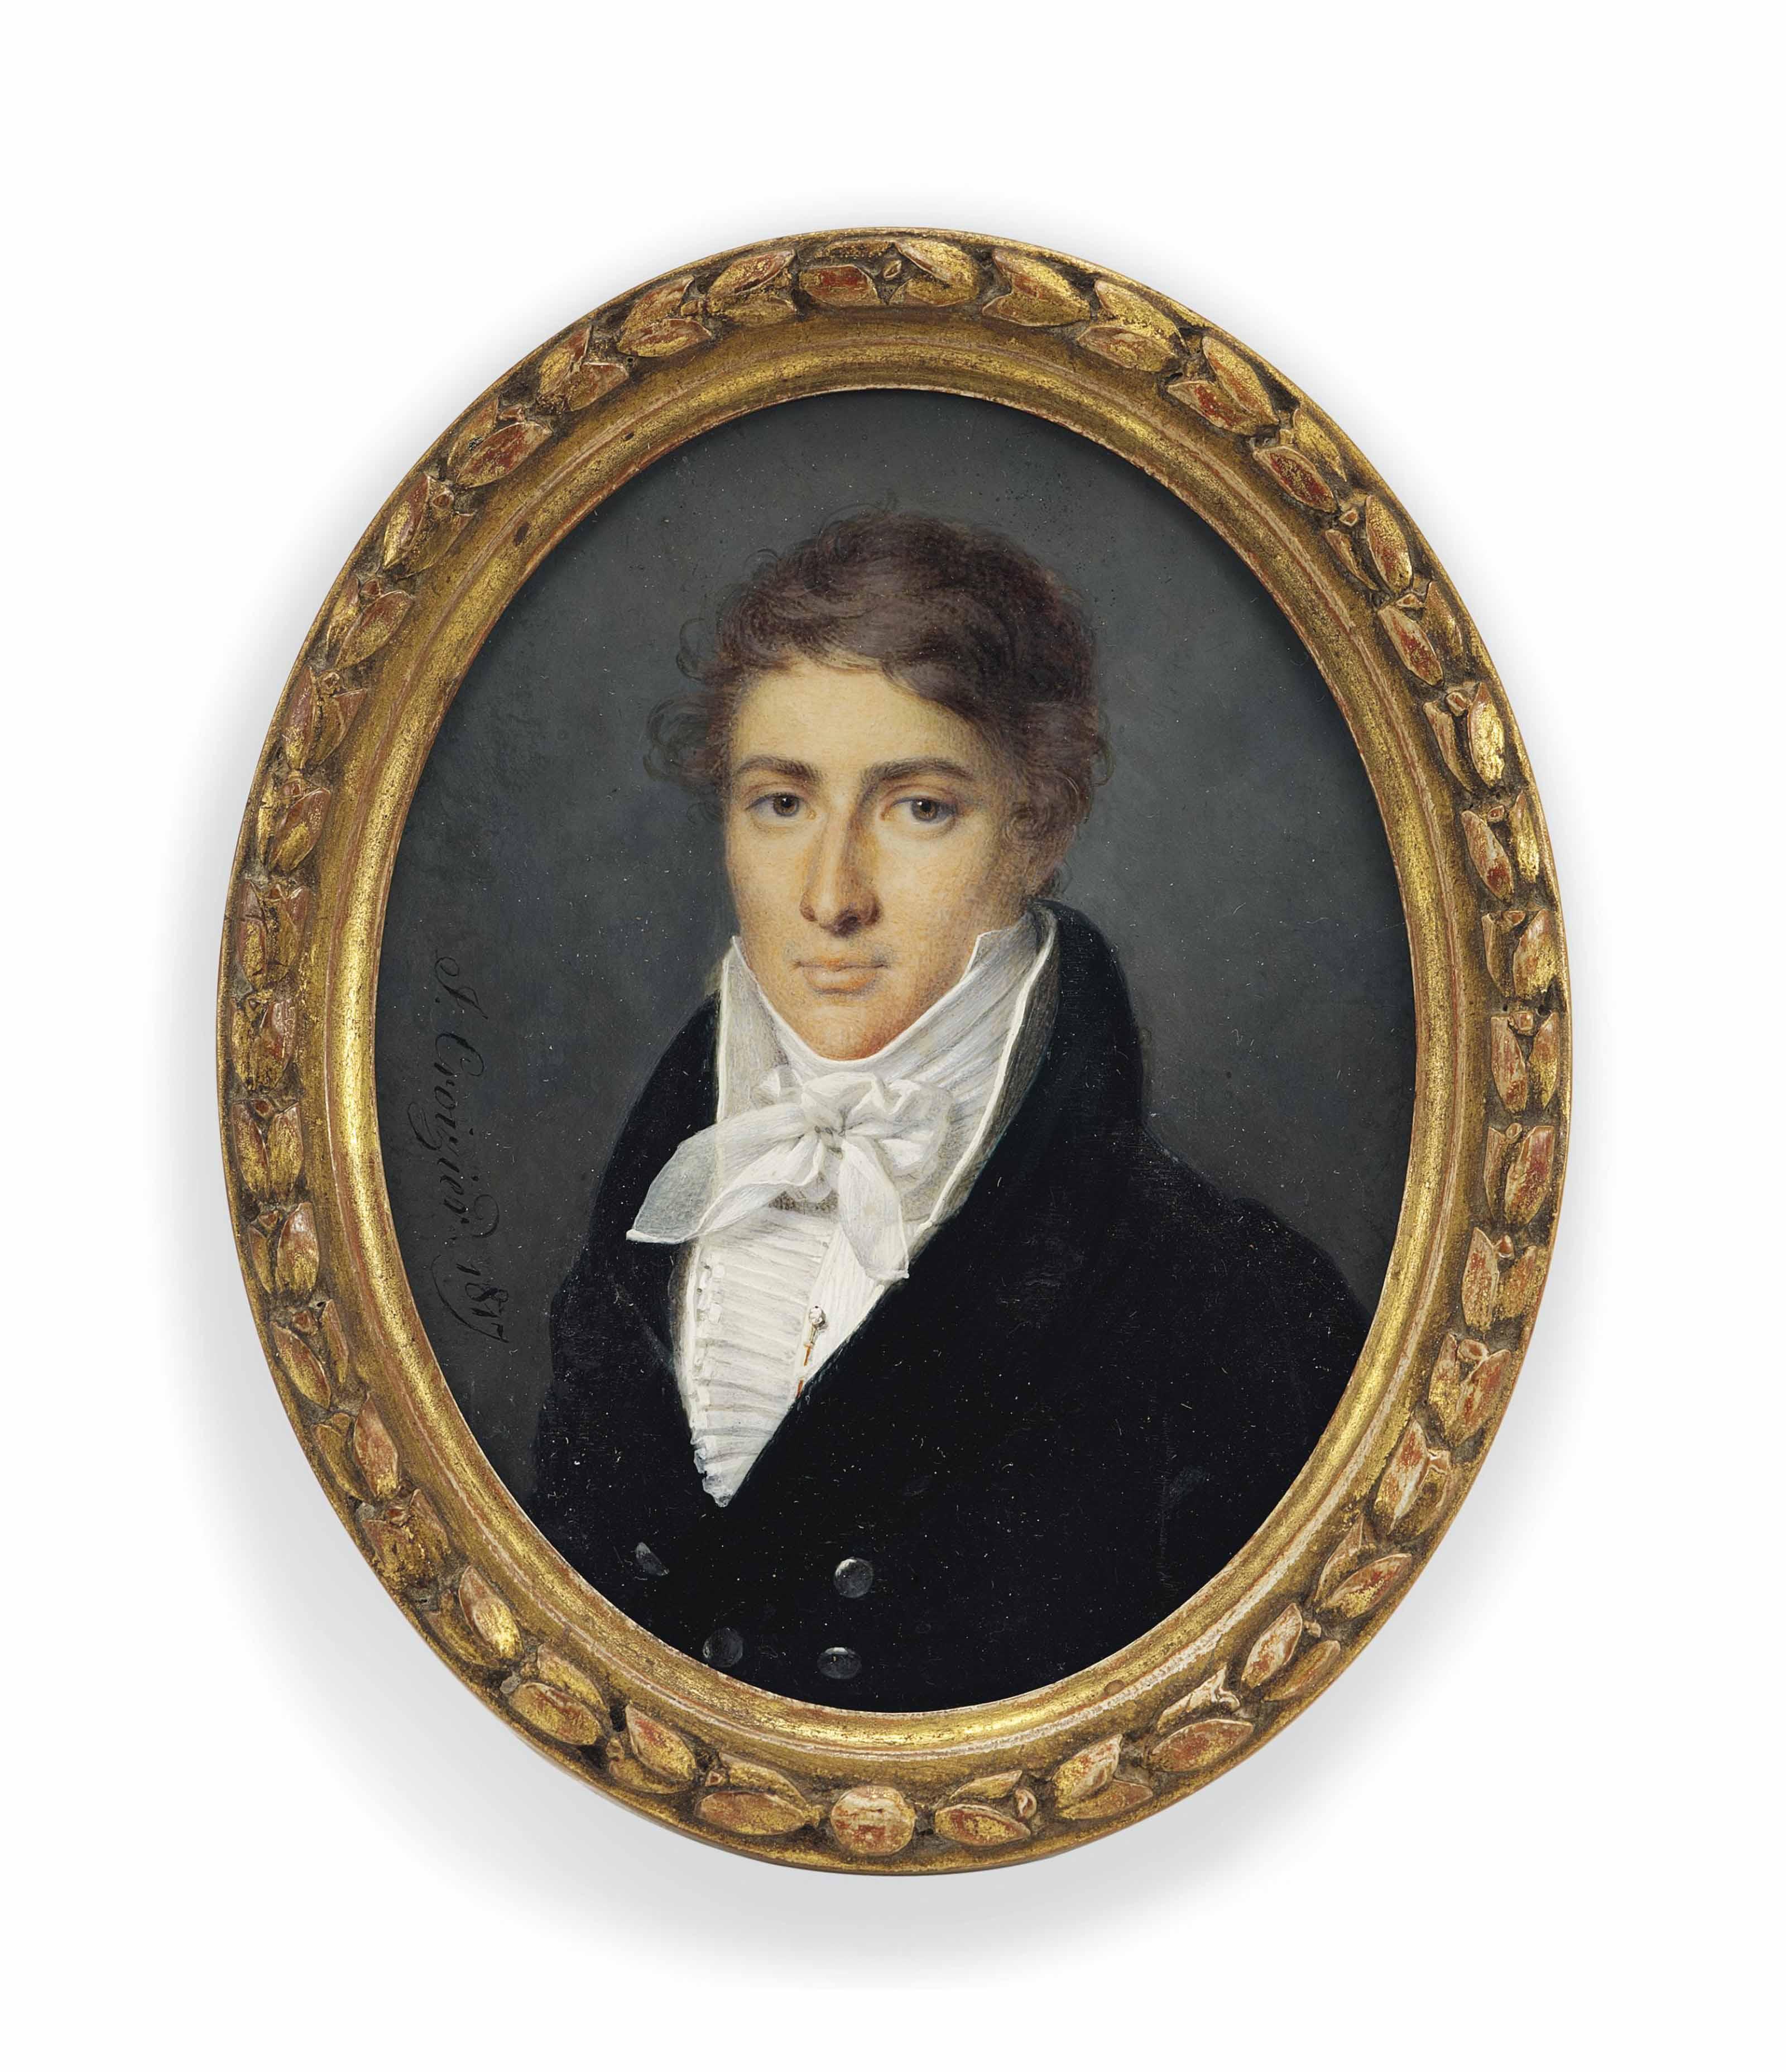 J. CROIZIER (FRENCH, FL. C. 1815-1825)